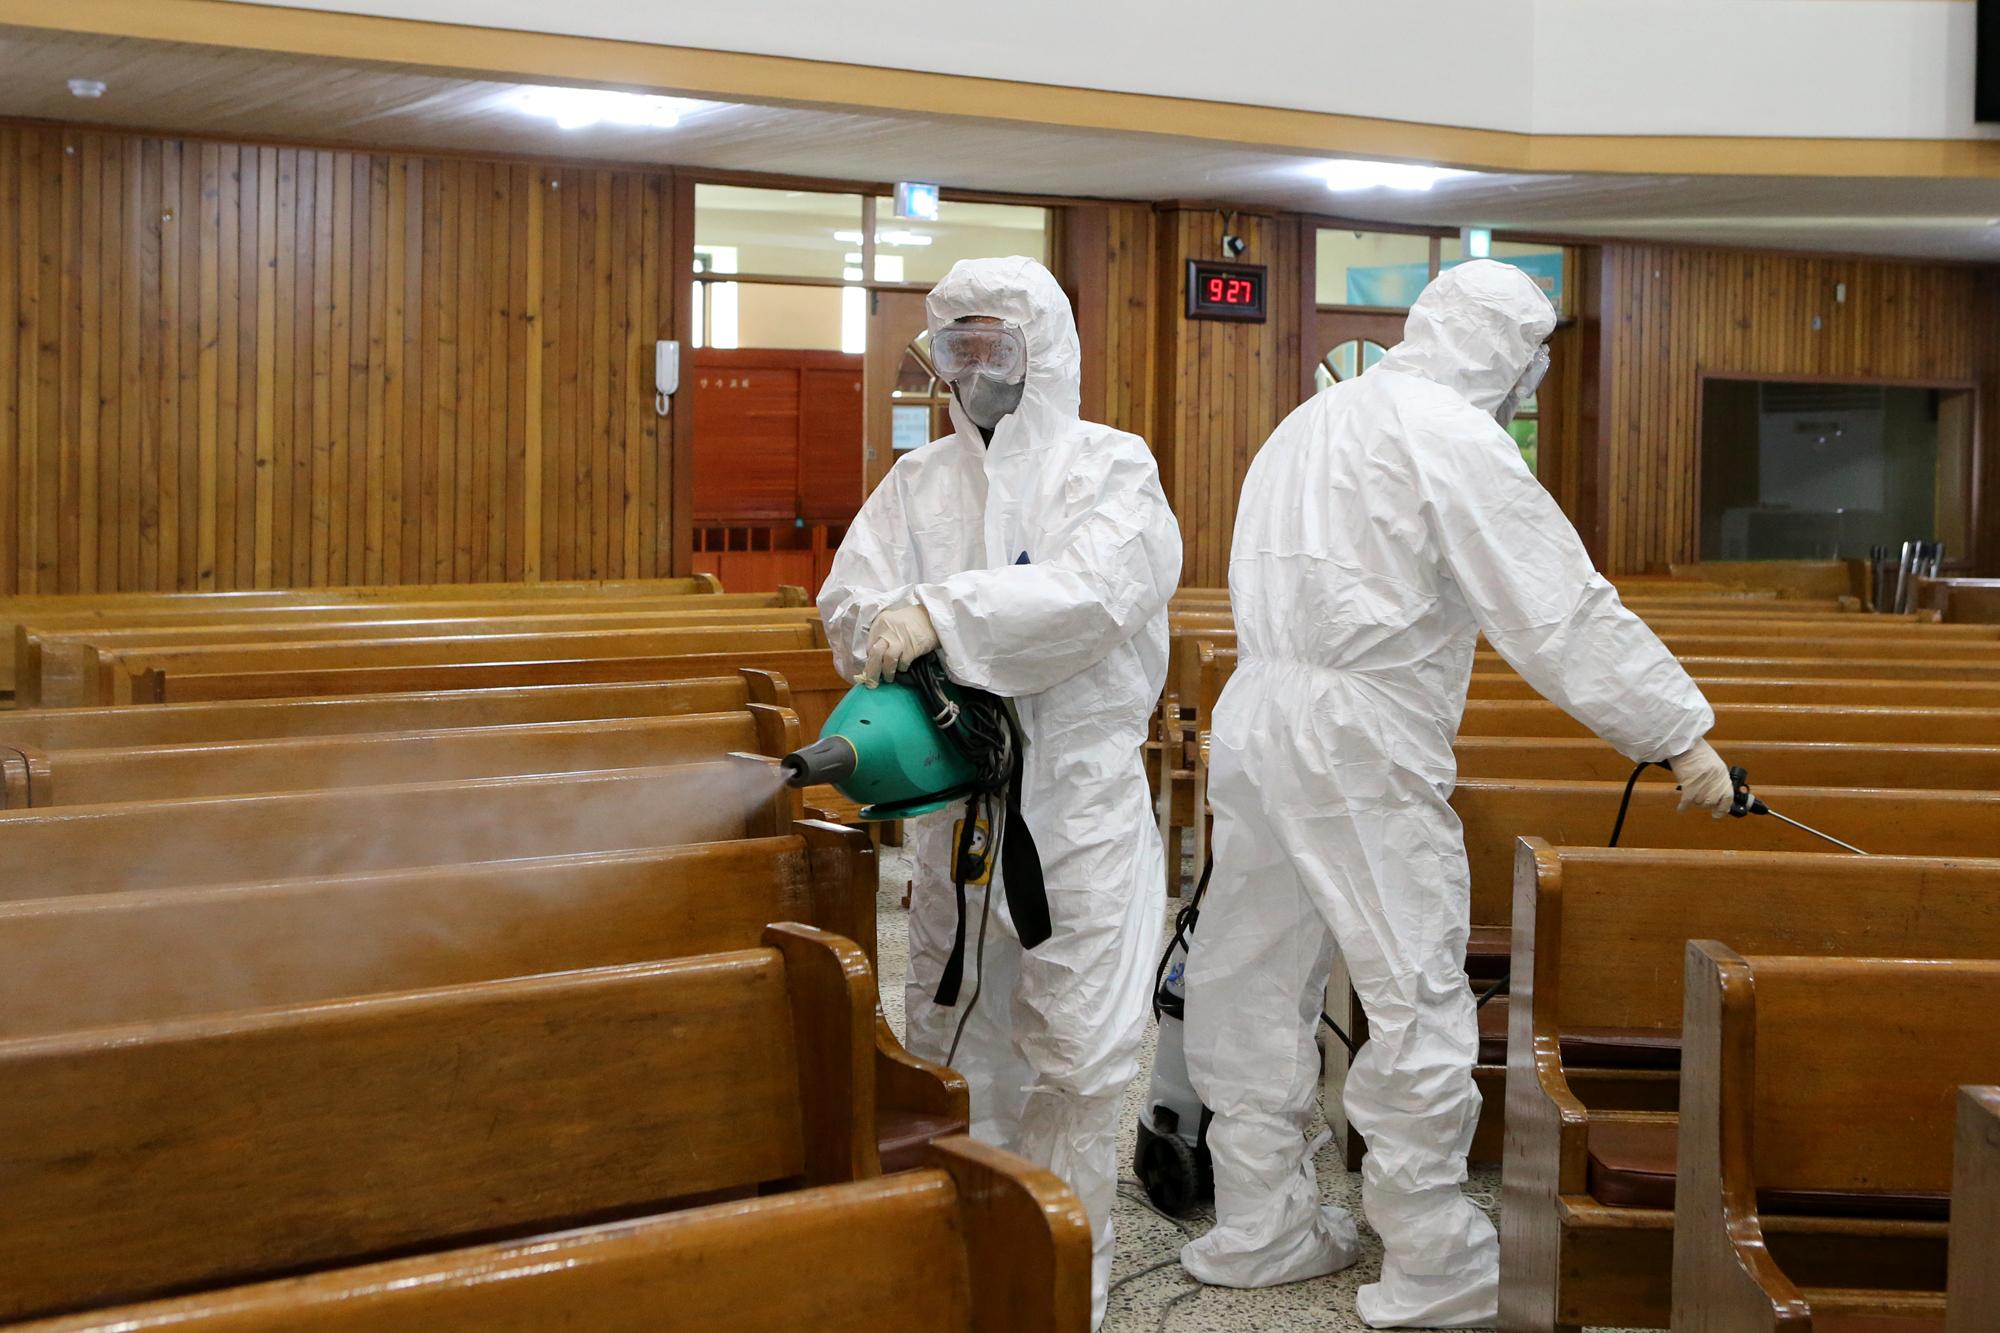 한 종교시설에서 긴급 방역작업이 이뤄지고 있다. 연합뉴스